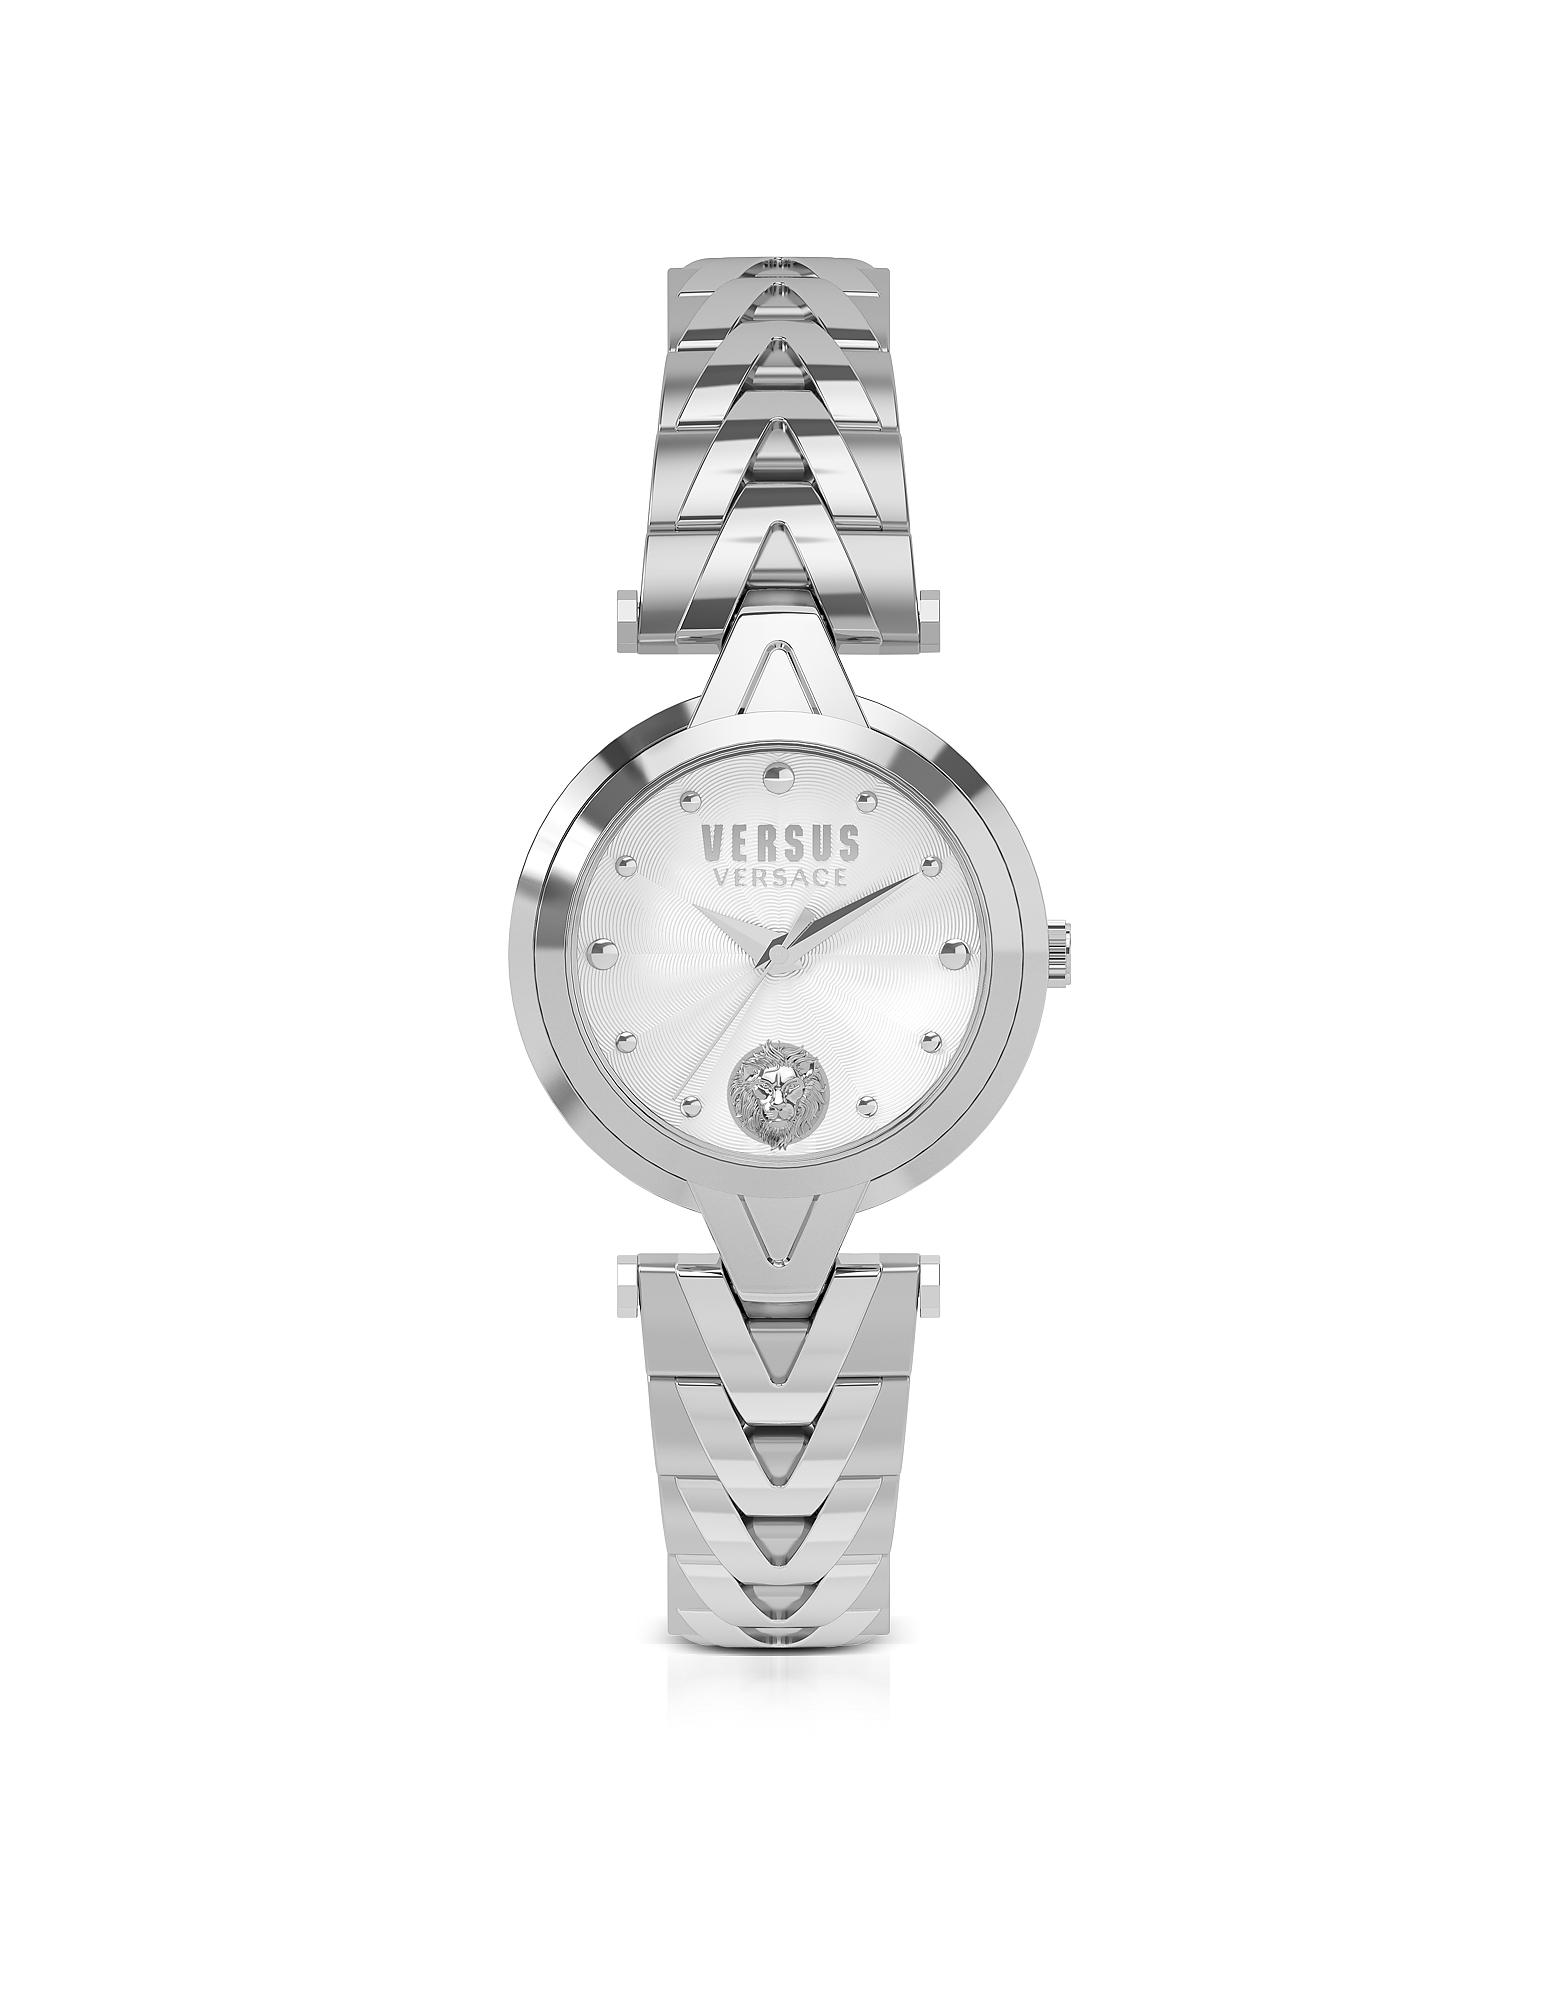 V Versus - Серебристые Женские Часы из Нержавеющей Стали с Браслетом